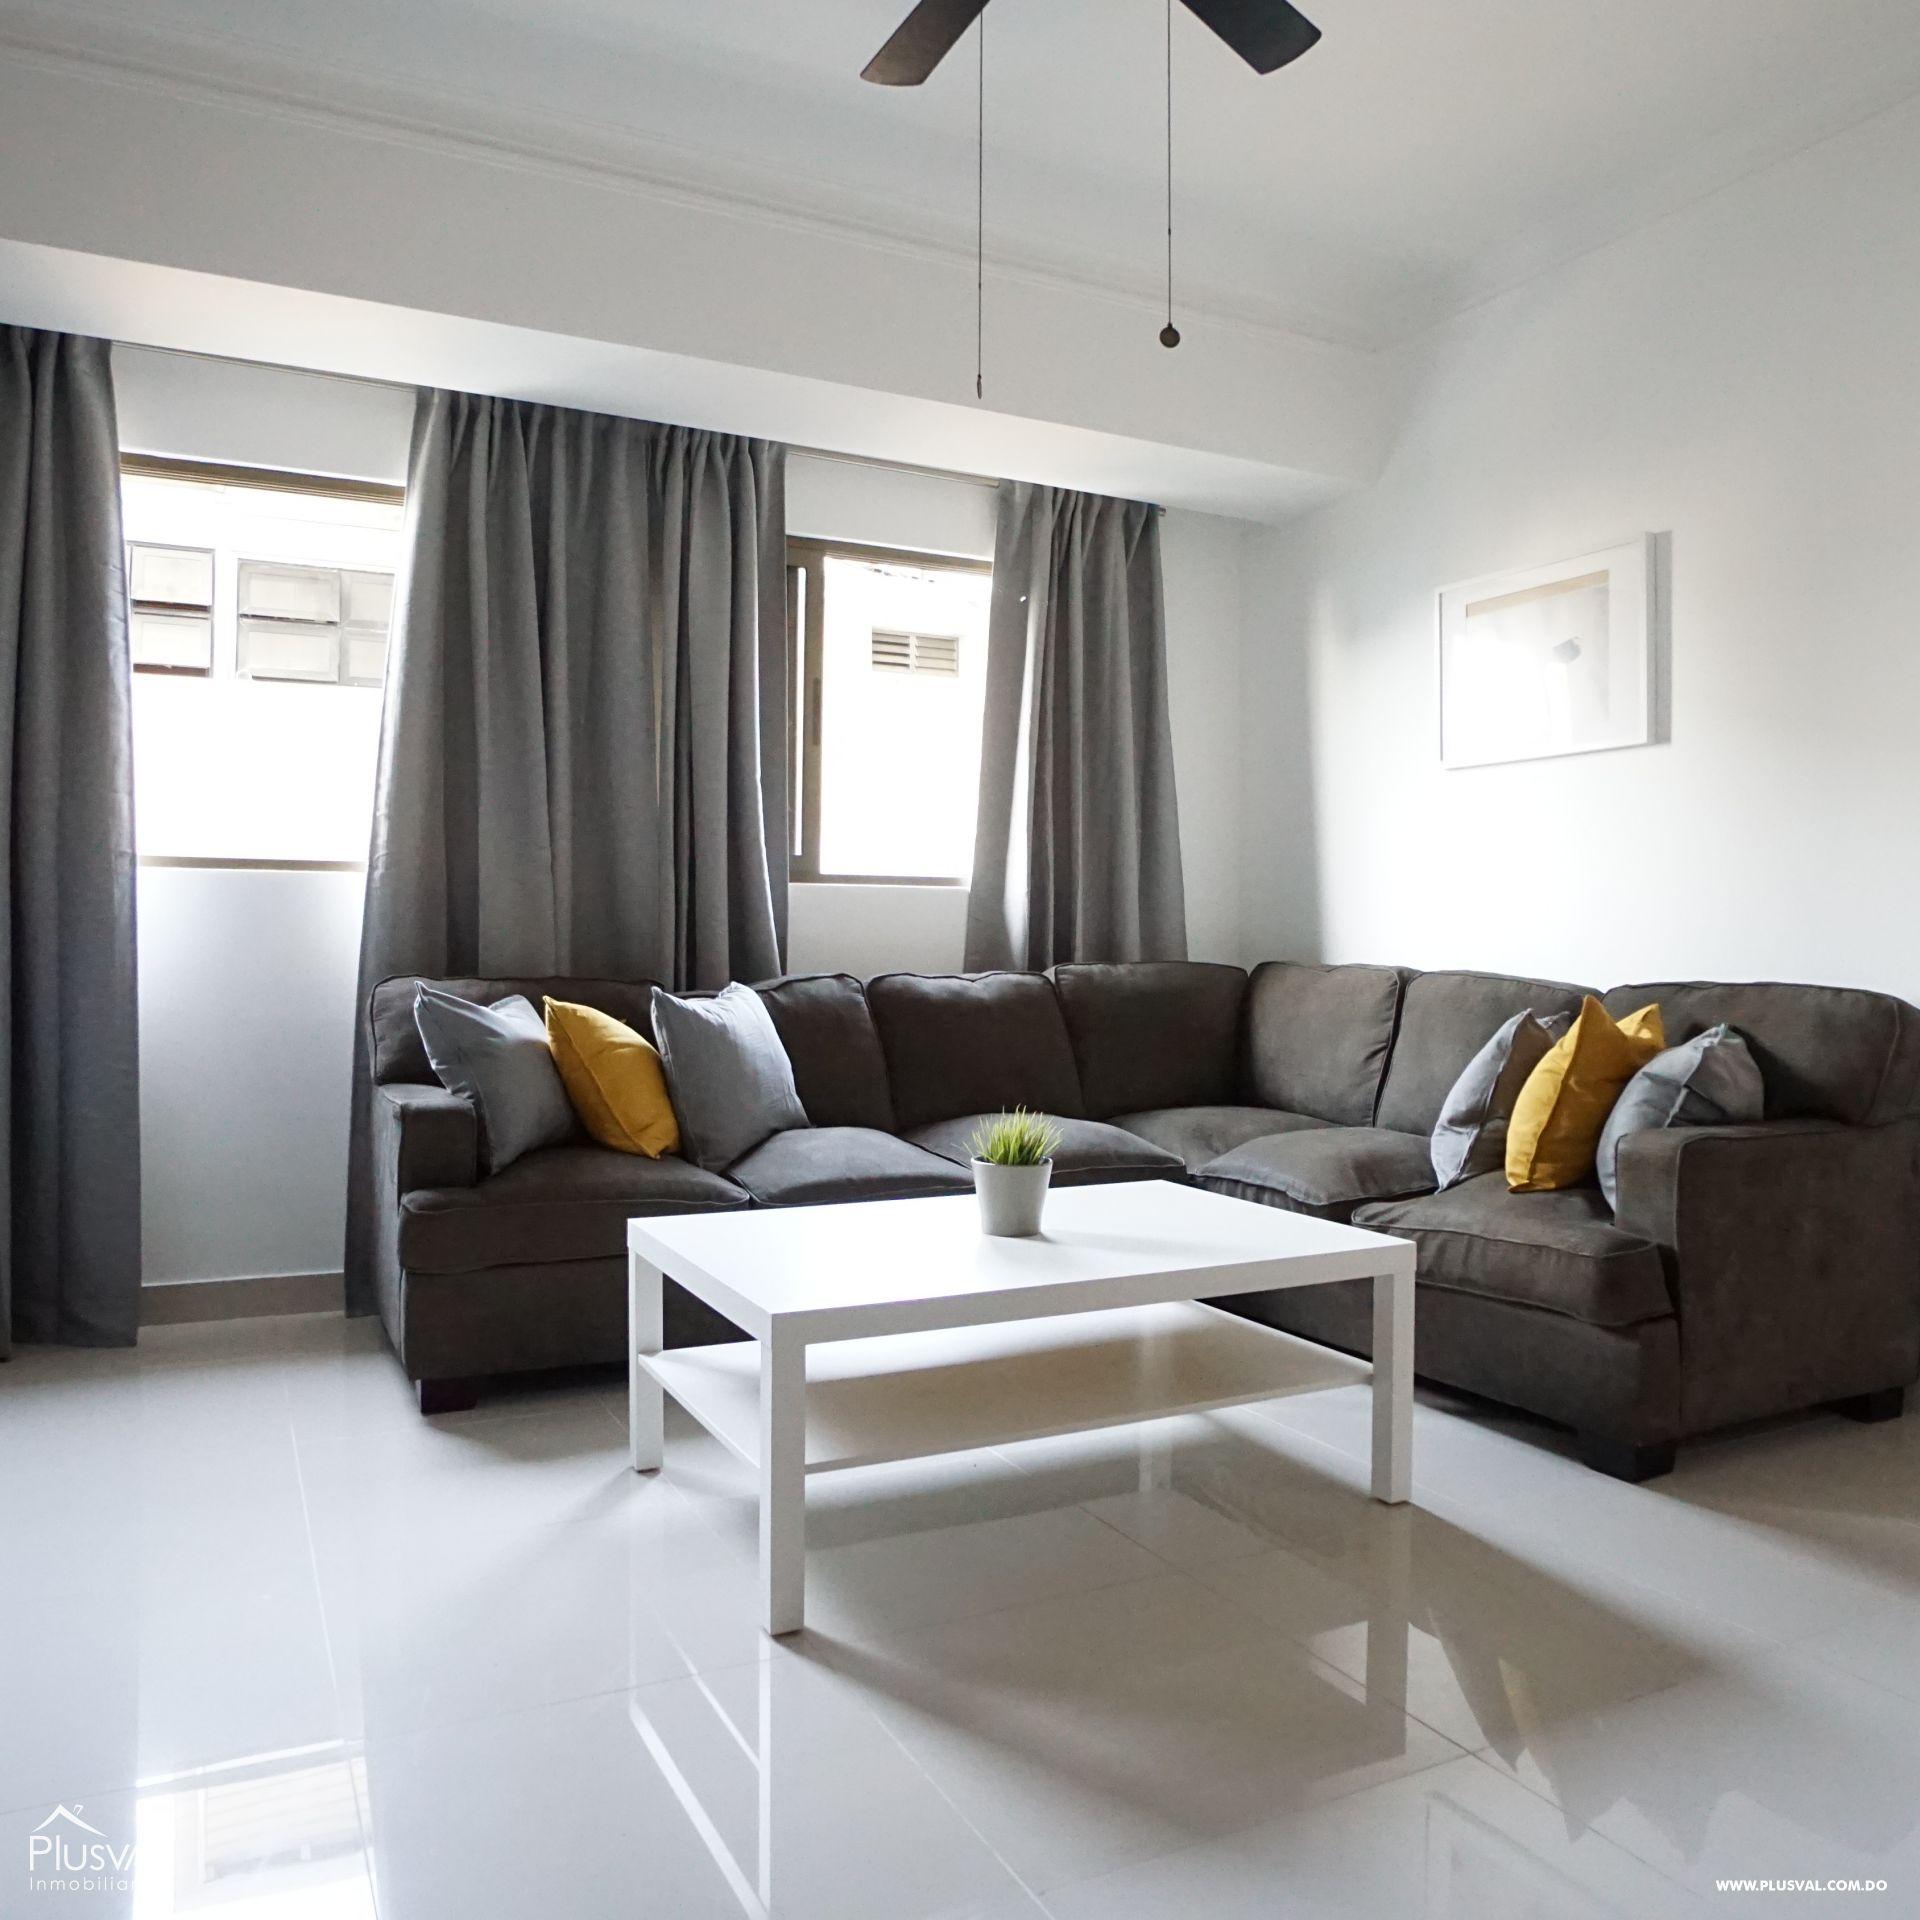 Alquilar apartamento amueblado de 1 habitación en Piantini